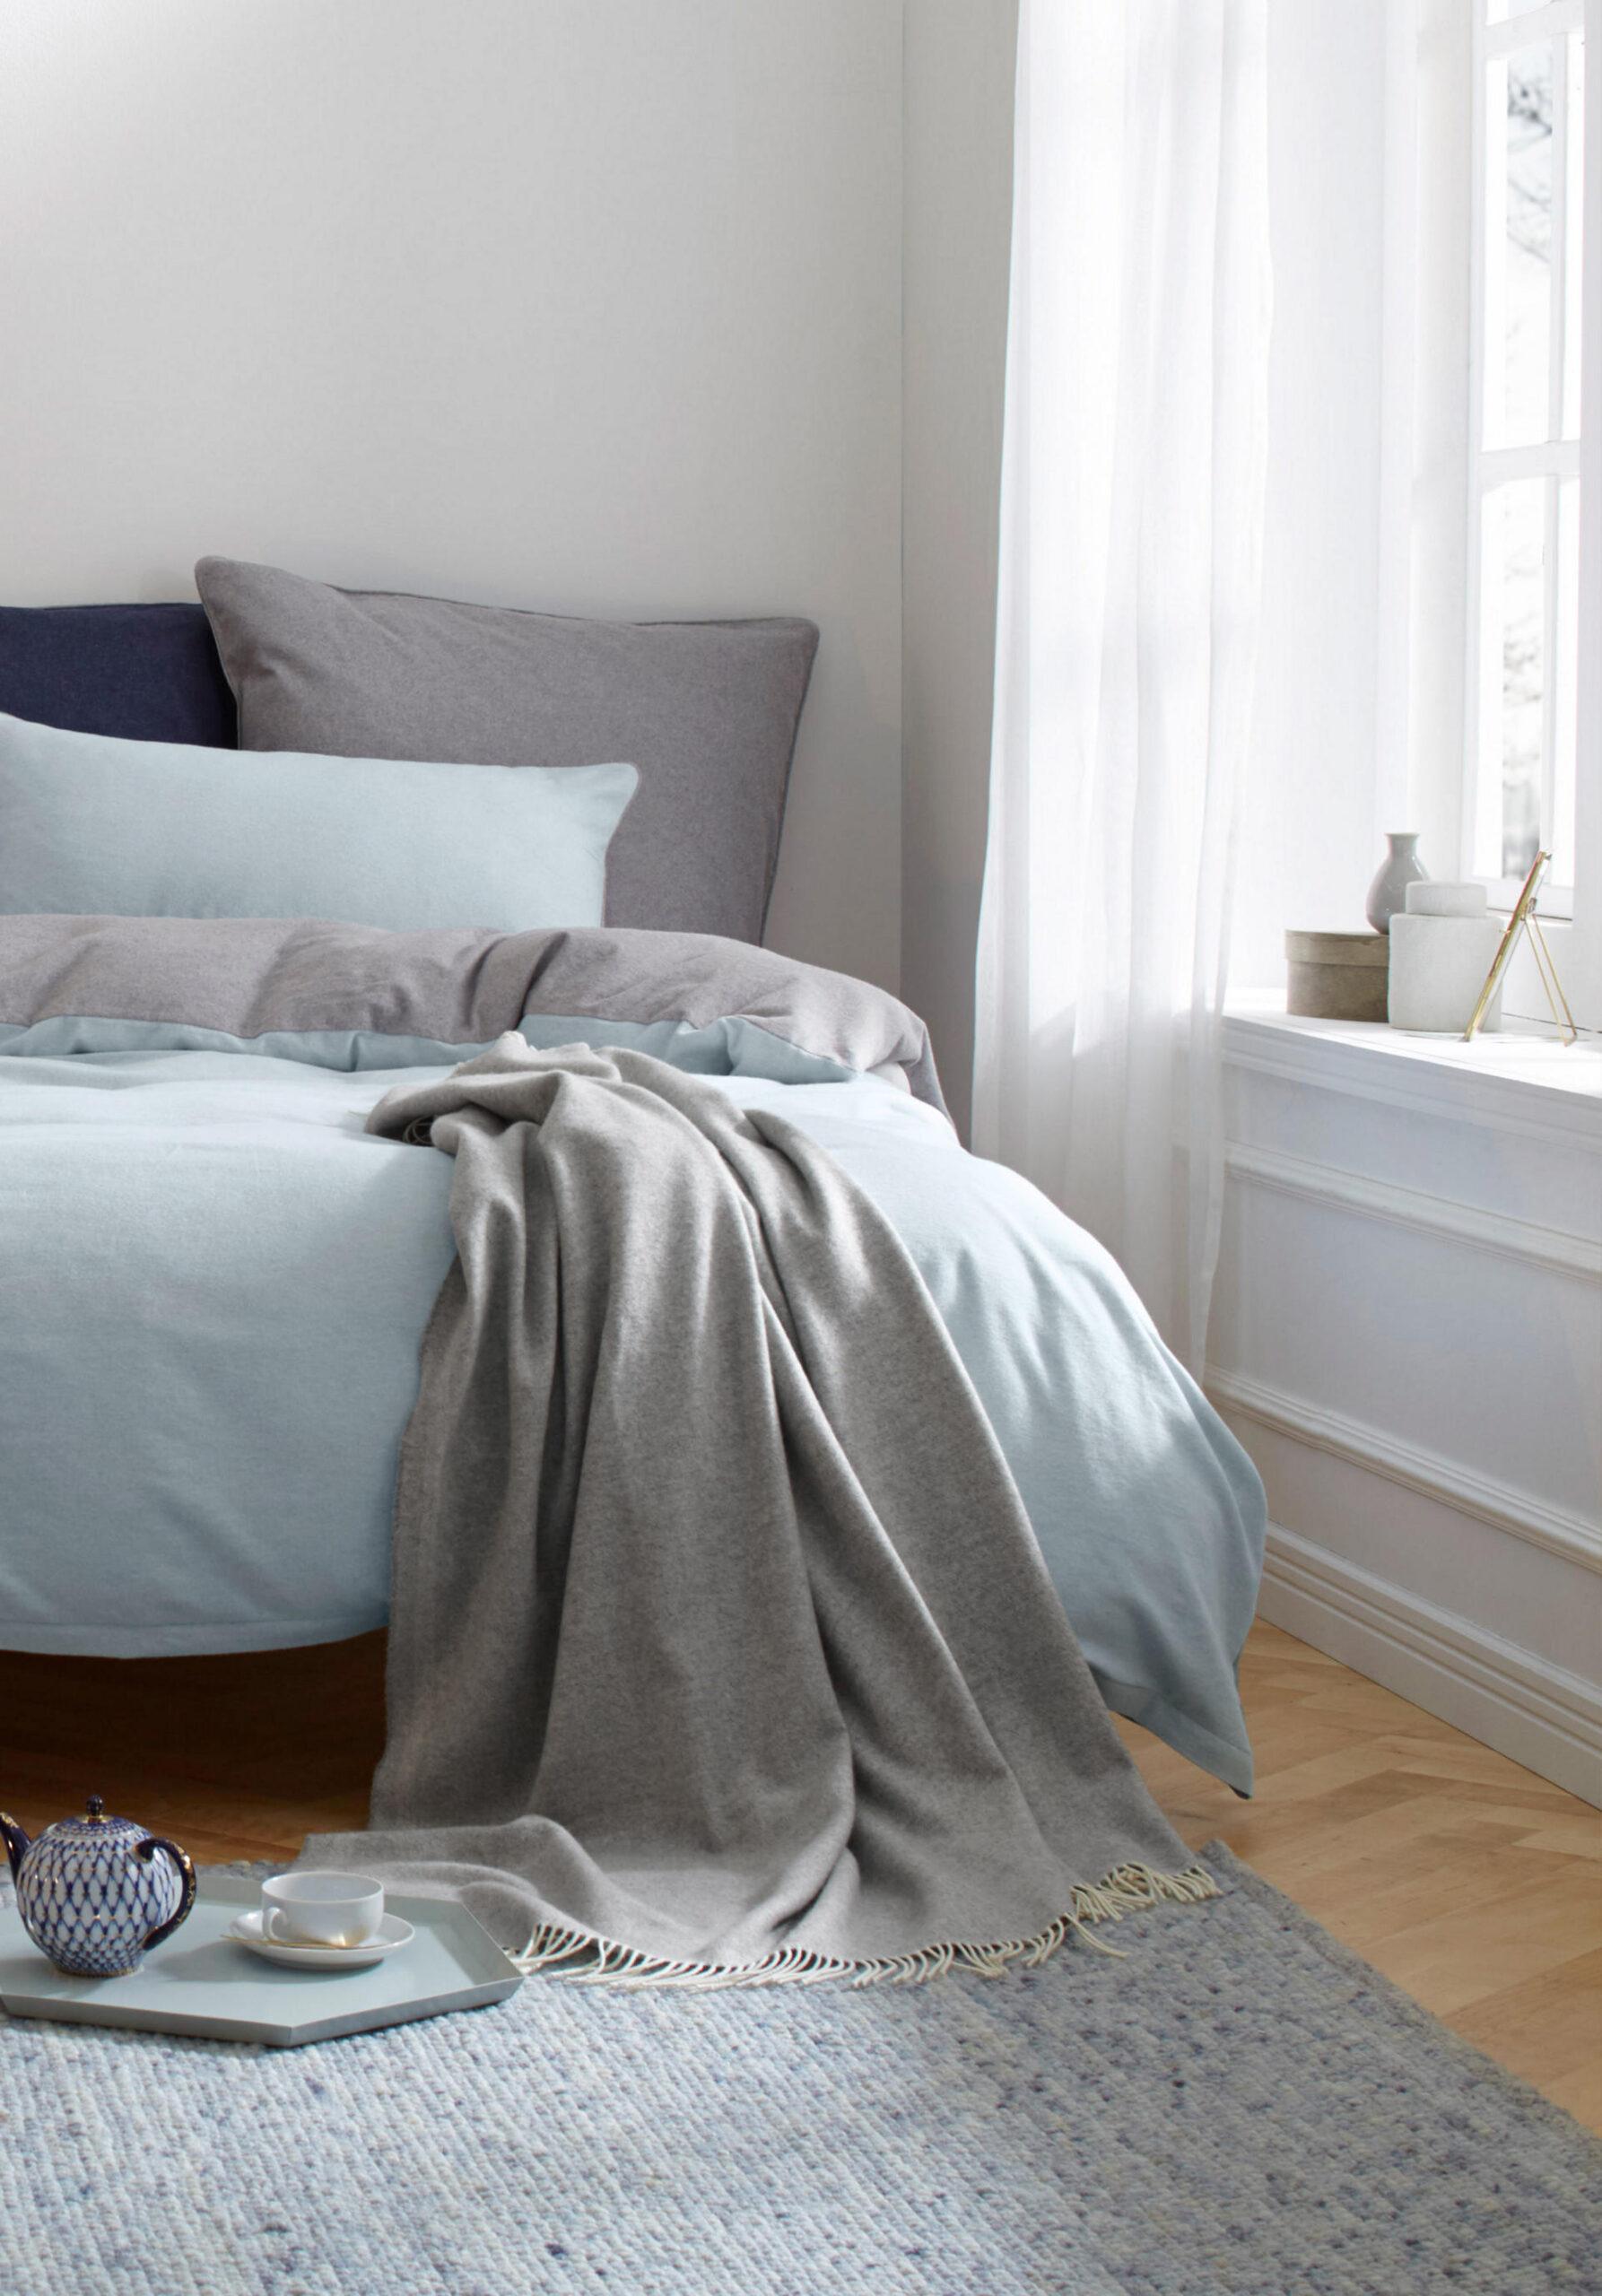 Full Size of Teppich Aus Schurwolle Wolke Ivory 220 Betten Ikea 160x200 Küche Kosten Miniküche Kaufen Sofa Mit Schlaffunktion Modulküche Bei Wohnzimmer Küchenläufer Ikea